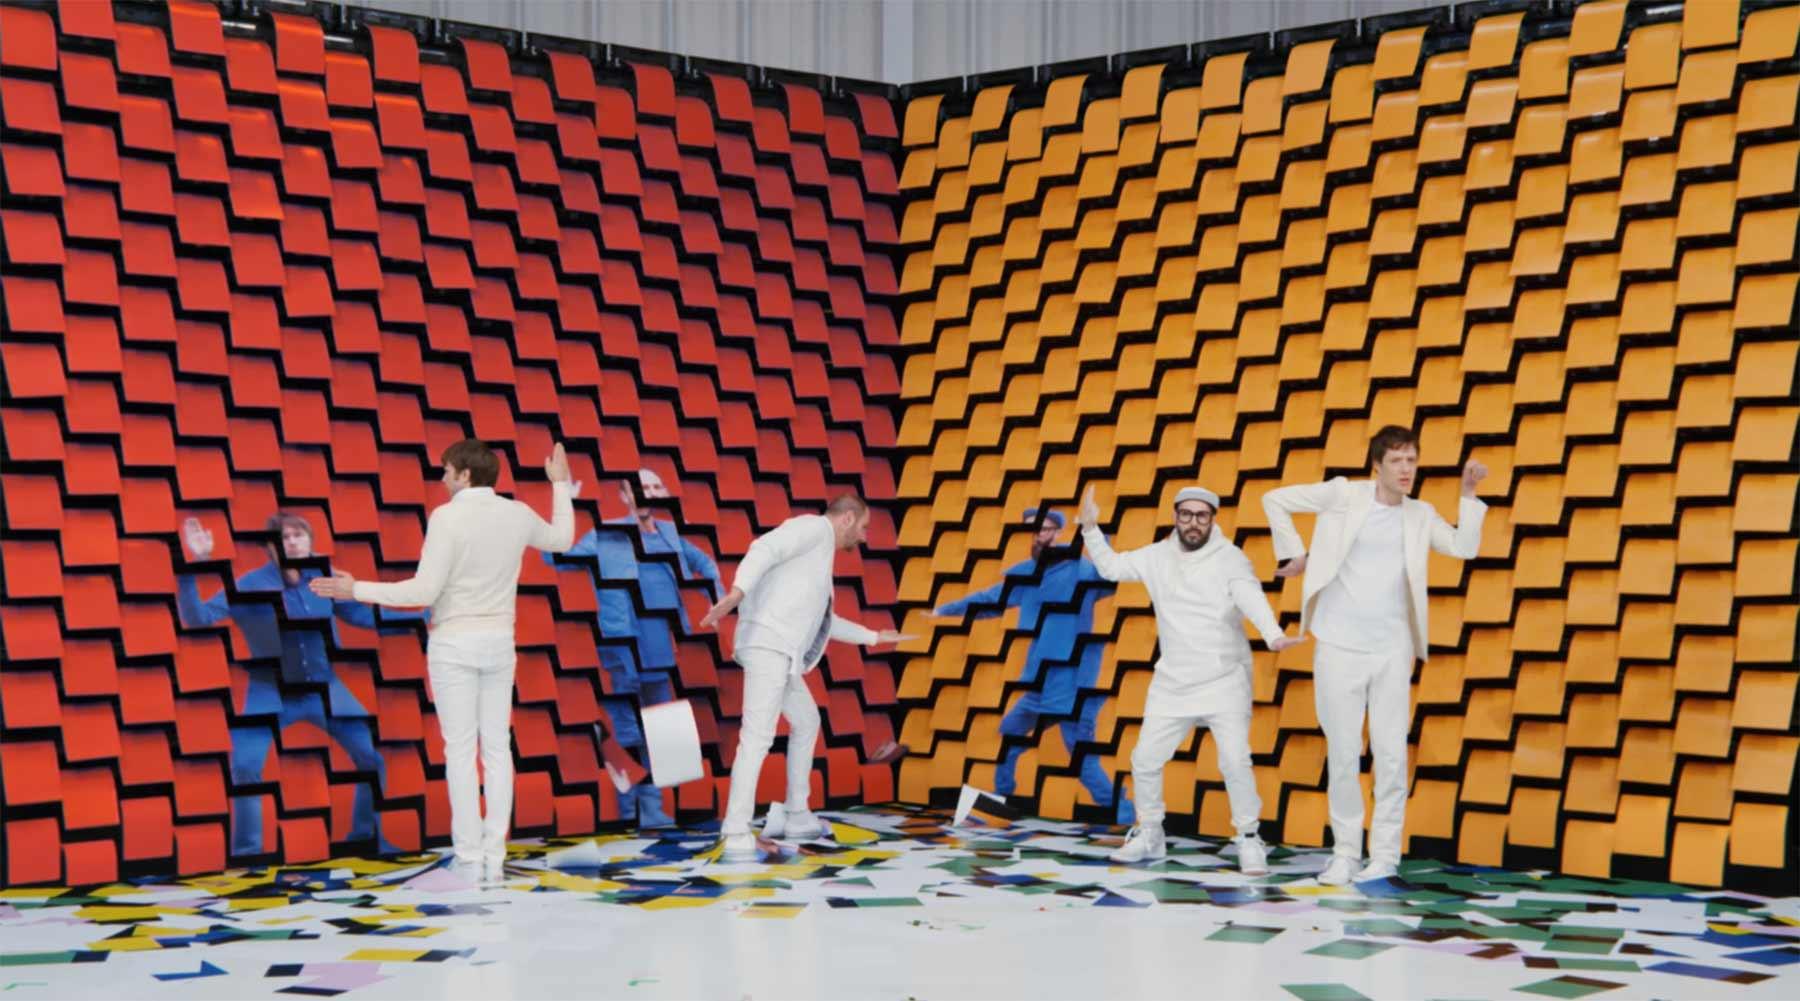 Drucker-Papier-Stopmotion im neuen Musikvideo von OK Go